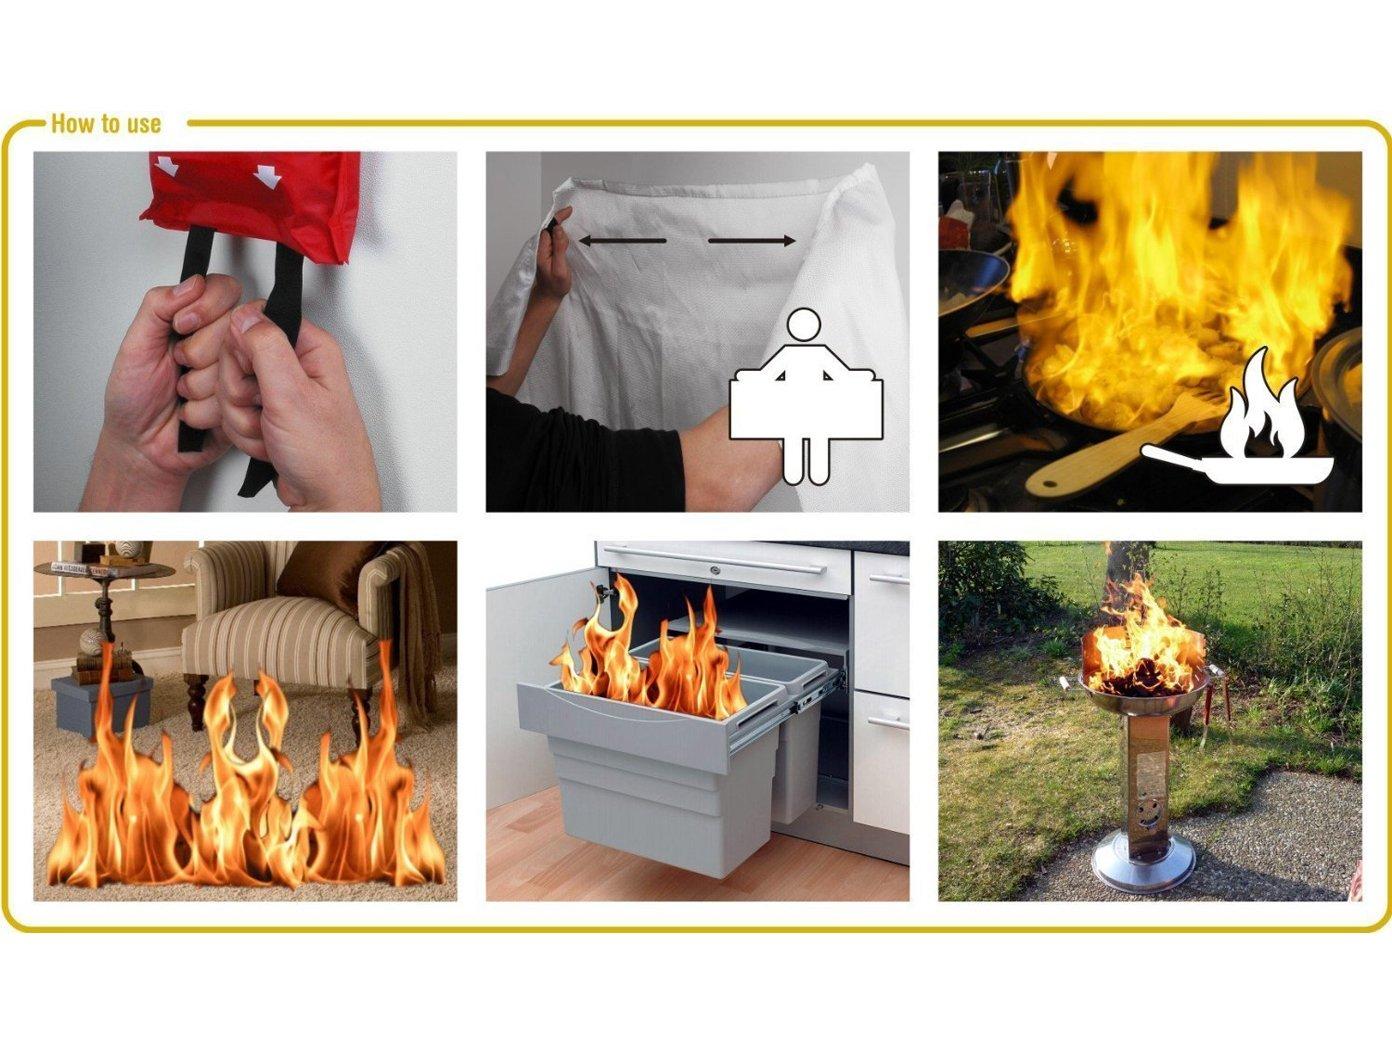 Juego de protección contra incendios (TÜV Detector de humo, manta contraincendios, borrador Spray) Protección contra incendio Juego de protección contra ...